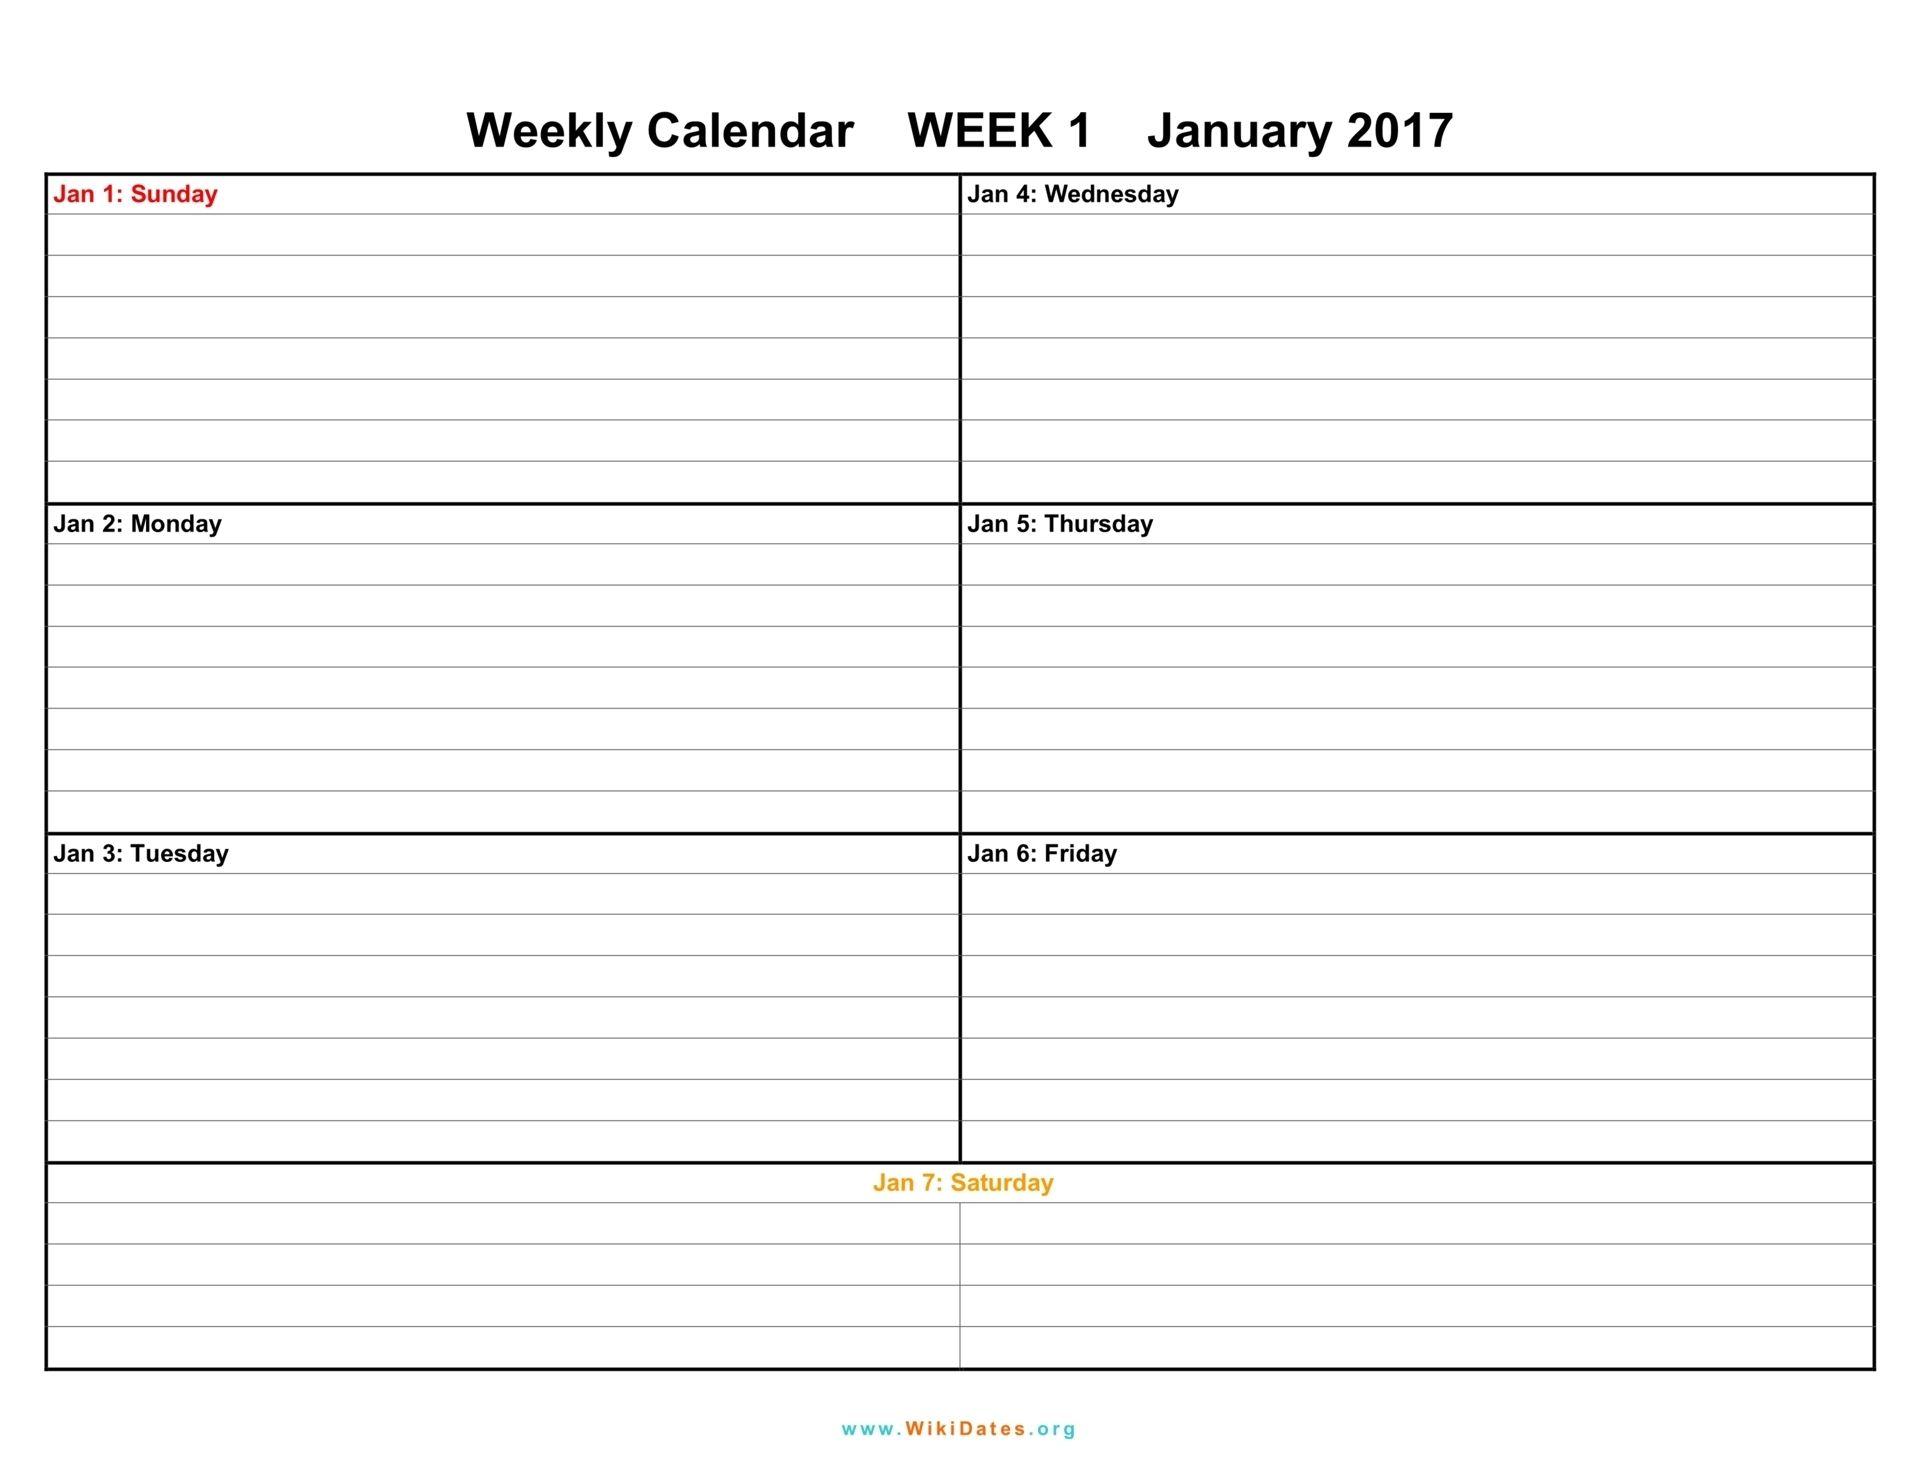 Printable Weekly Calendar 2018 Printable Weekly Calendar With 15 Minute Time Slots Erdferdf Blank Weekly Calendar Weekly Calendar Template Weekly Calendar